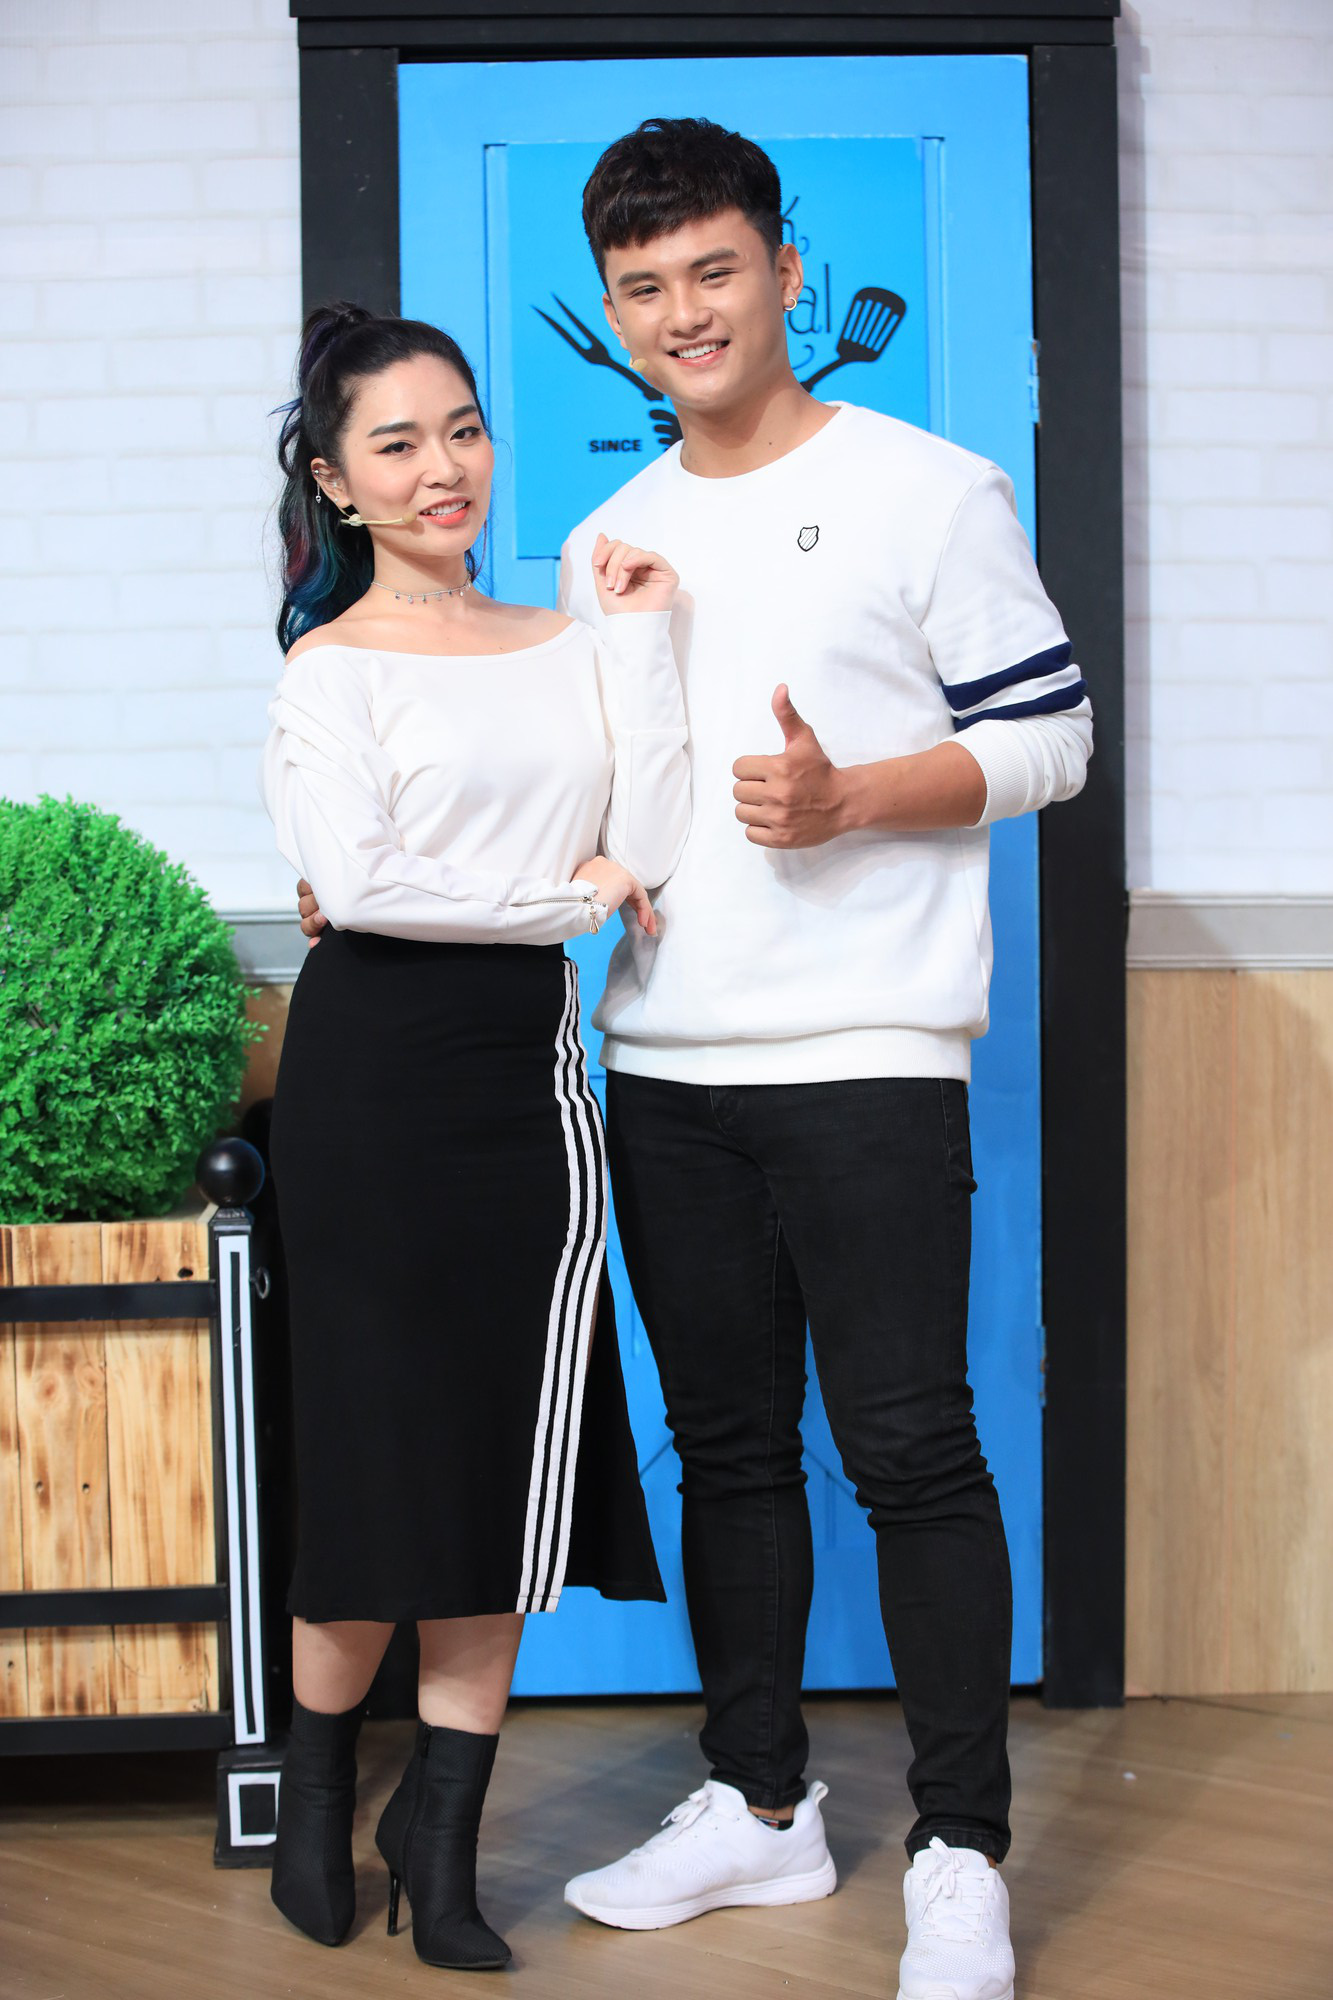 Hậu làm lành, Cao Thiên Trang - Thùy Dương đối đầu nhau trên show nấu ăn - Ảnh 3.